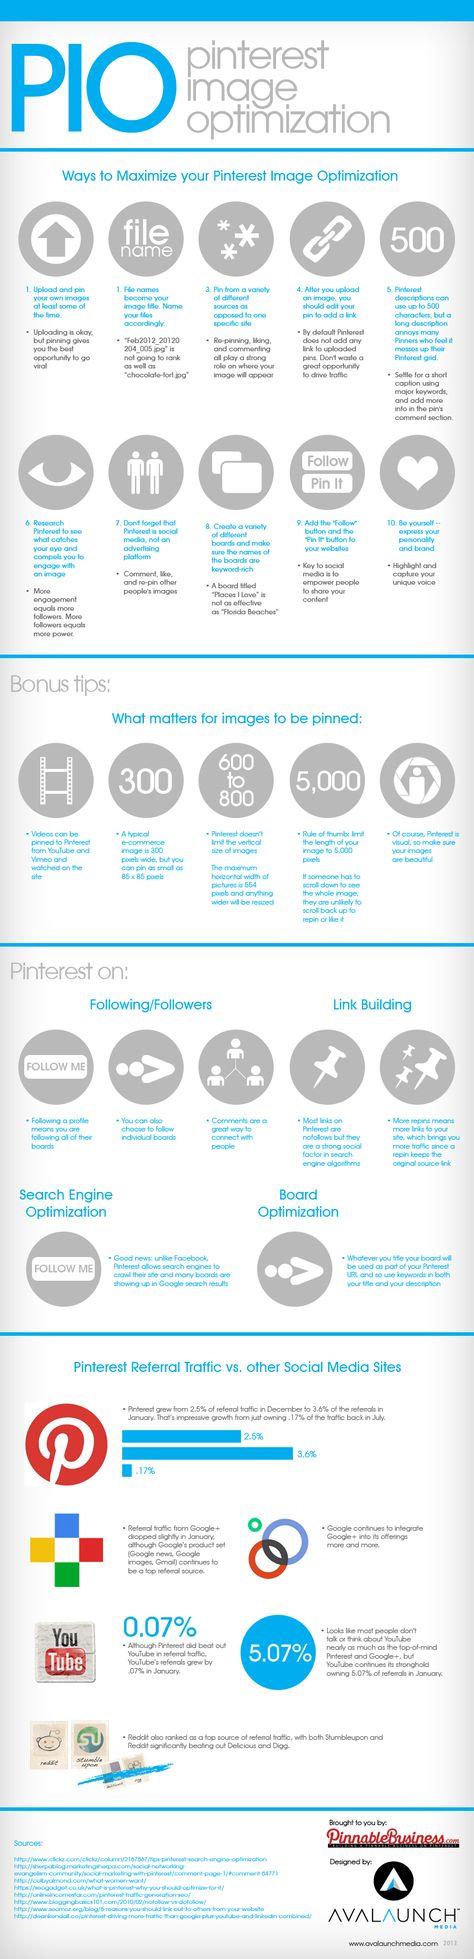 Pinterest Image Optimization http://socialmedia-betreuung.de/70-tipps-fuer-das-pinterest-marketing/